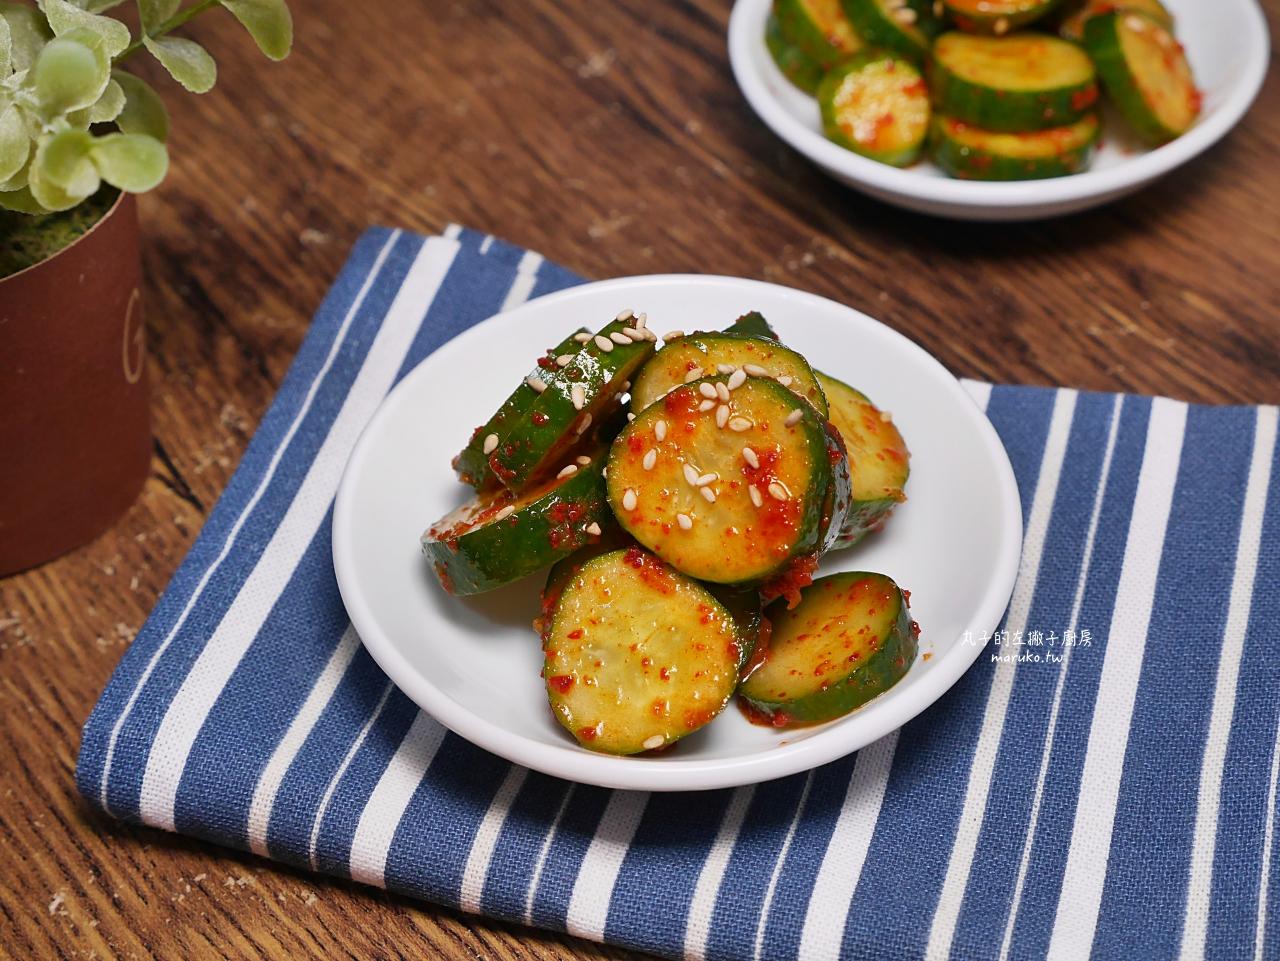 【食譜】韓式涼拌小黃瓜|三分鐘上菜不需要醃漬涼拌做法 @Maruko與美食有個約會